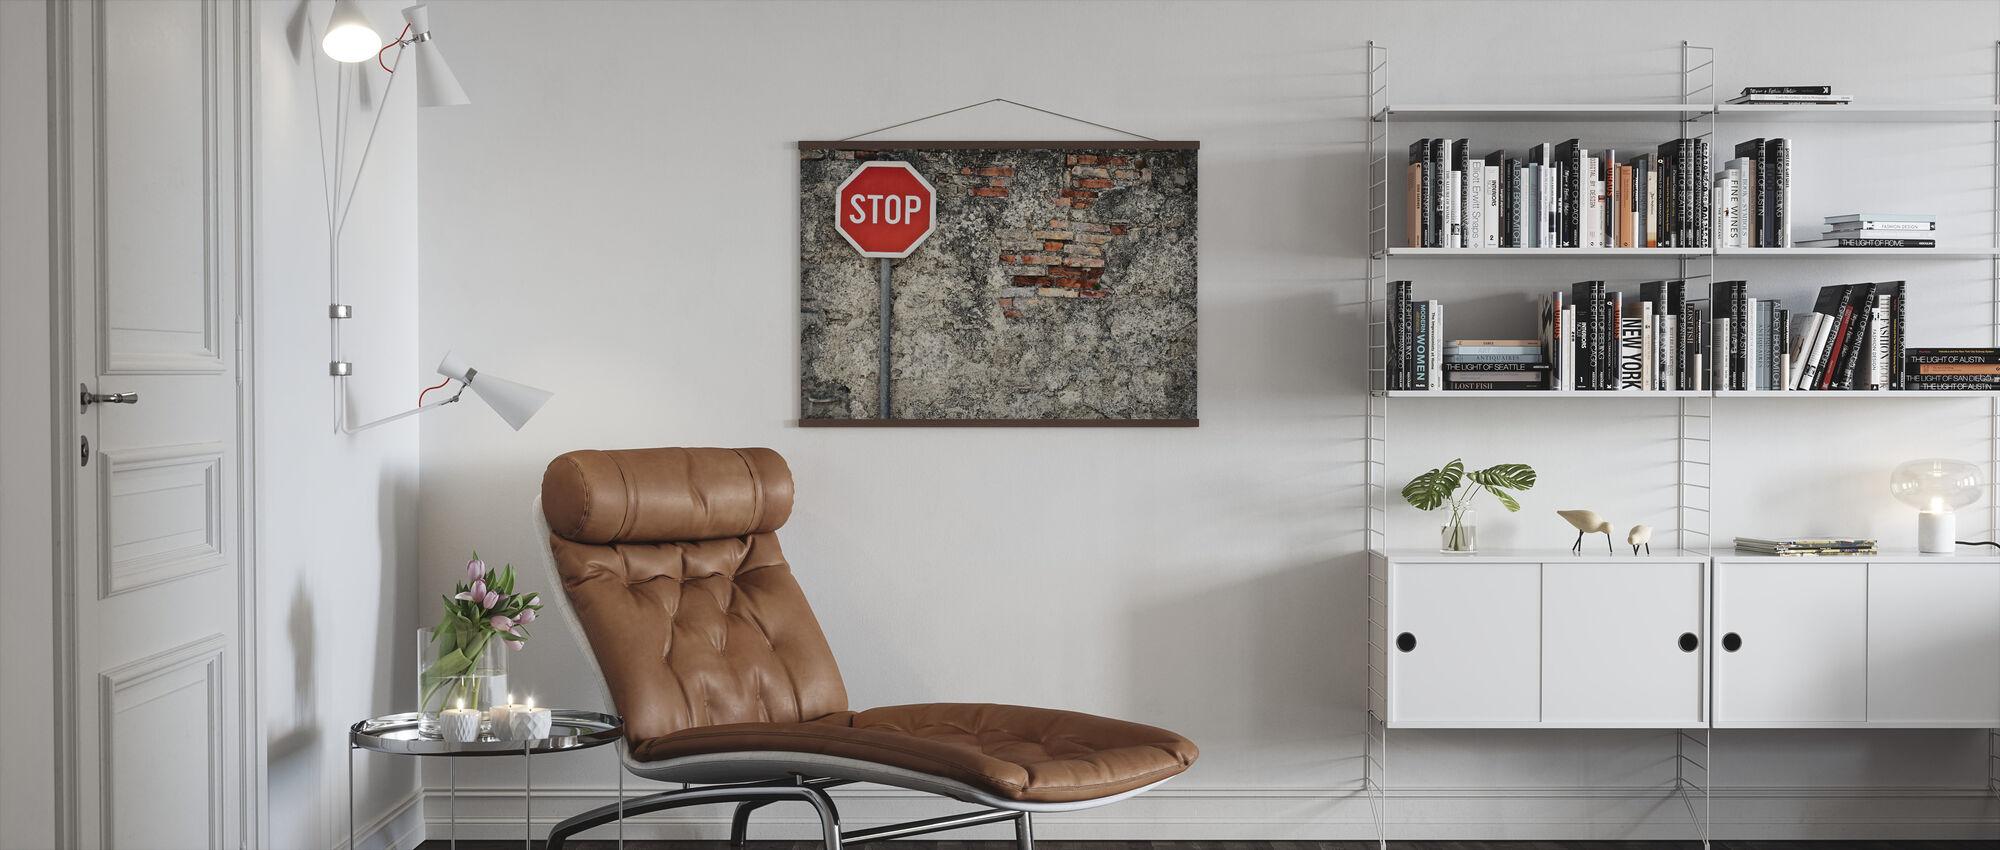 Stop teken tegen Grungy muur - Poster - Woonkamer